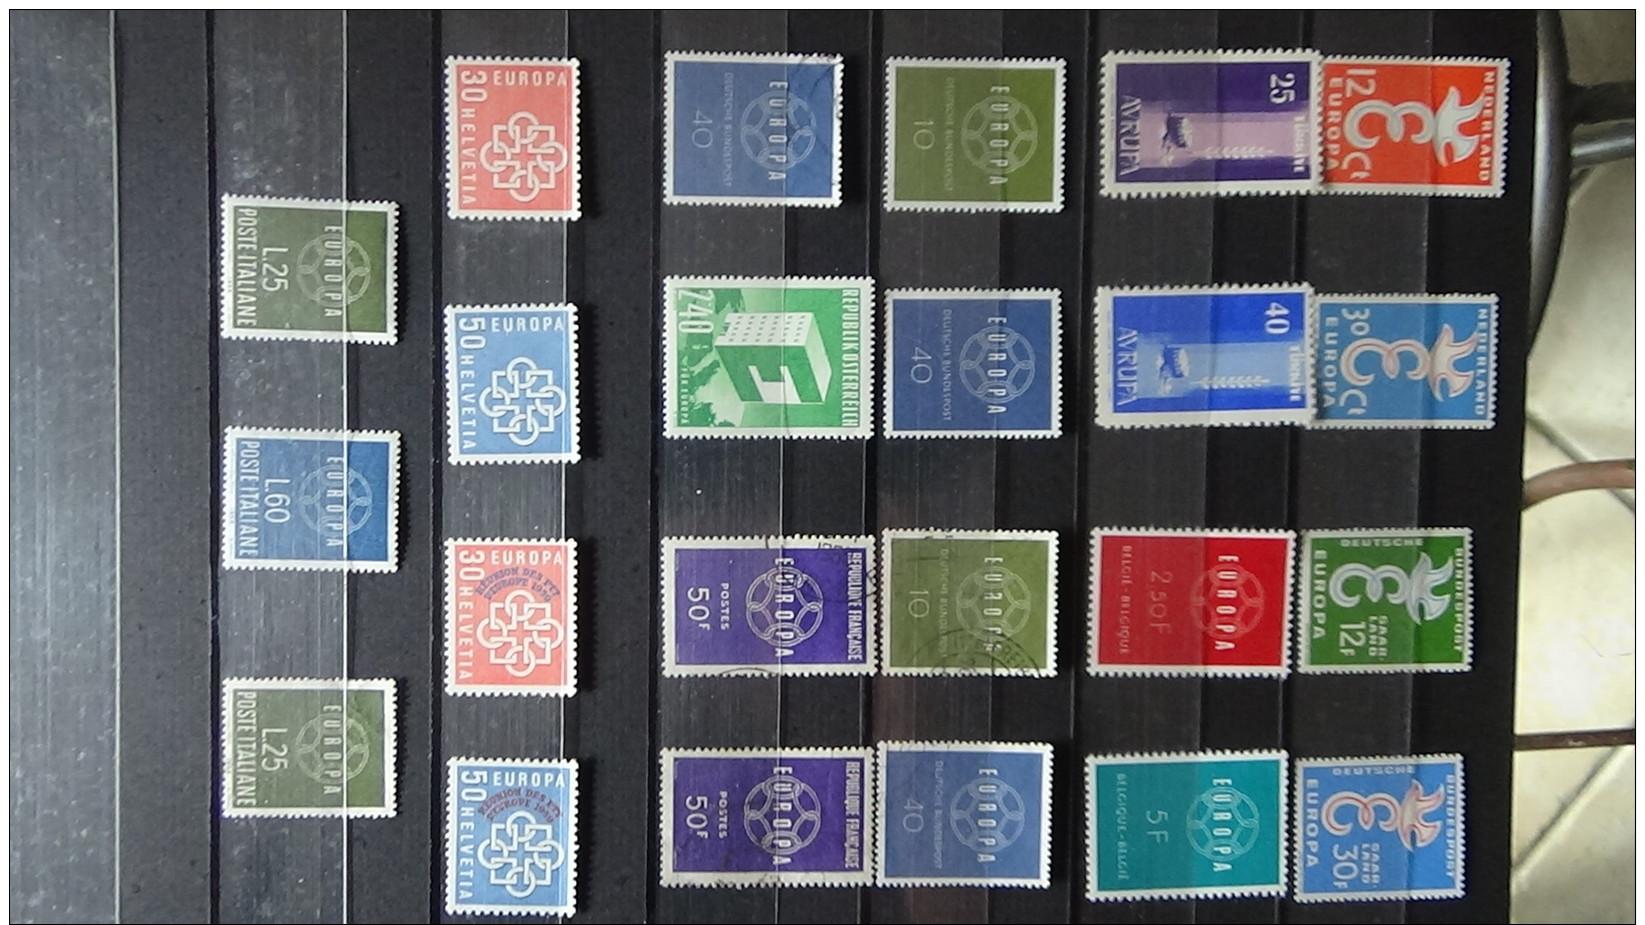 Album De Timbres Tous ** (qqs Obl) EUROPA Dont Grosses Valeurs. Voir Commentaires !!! - Stamps